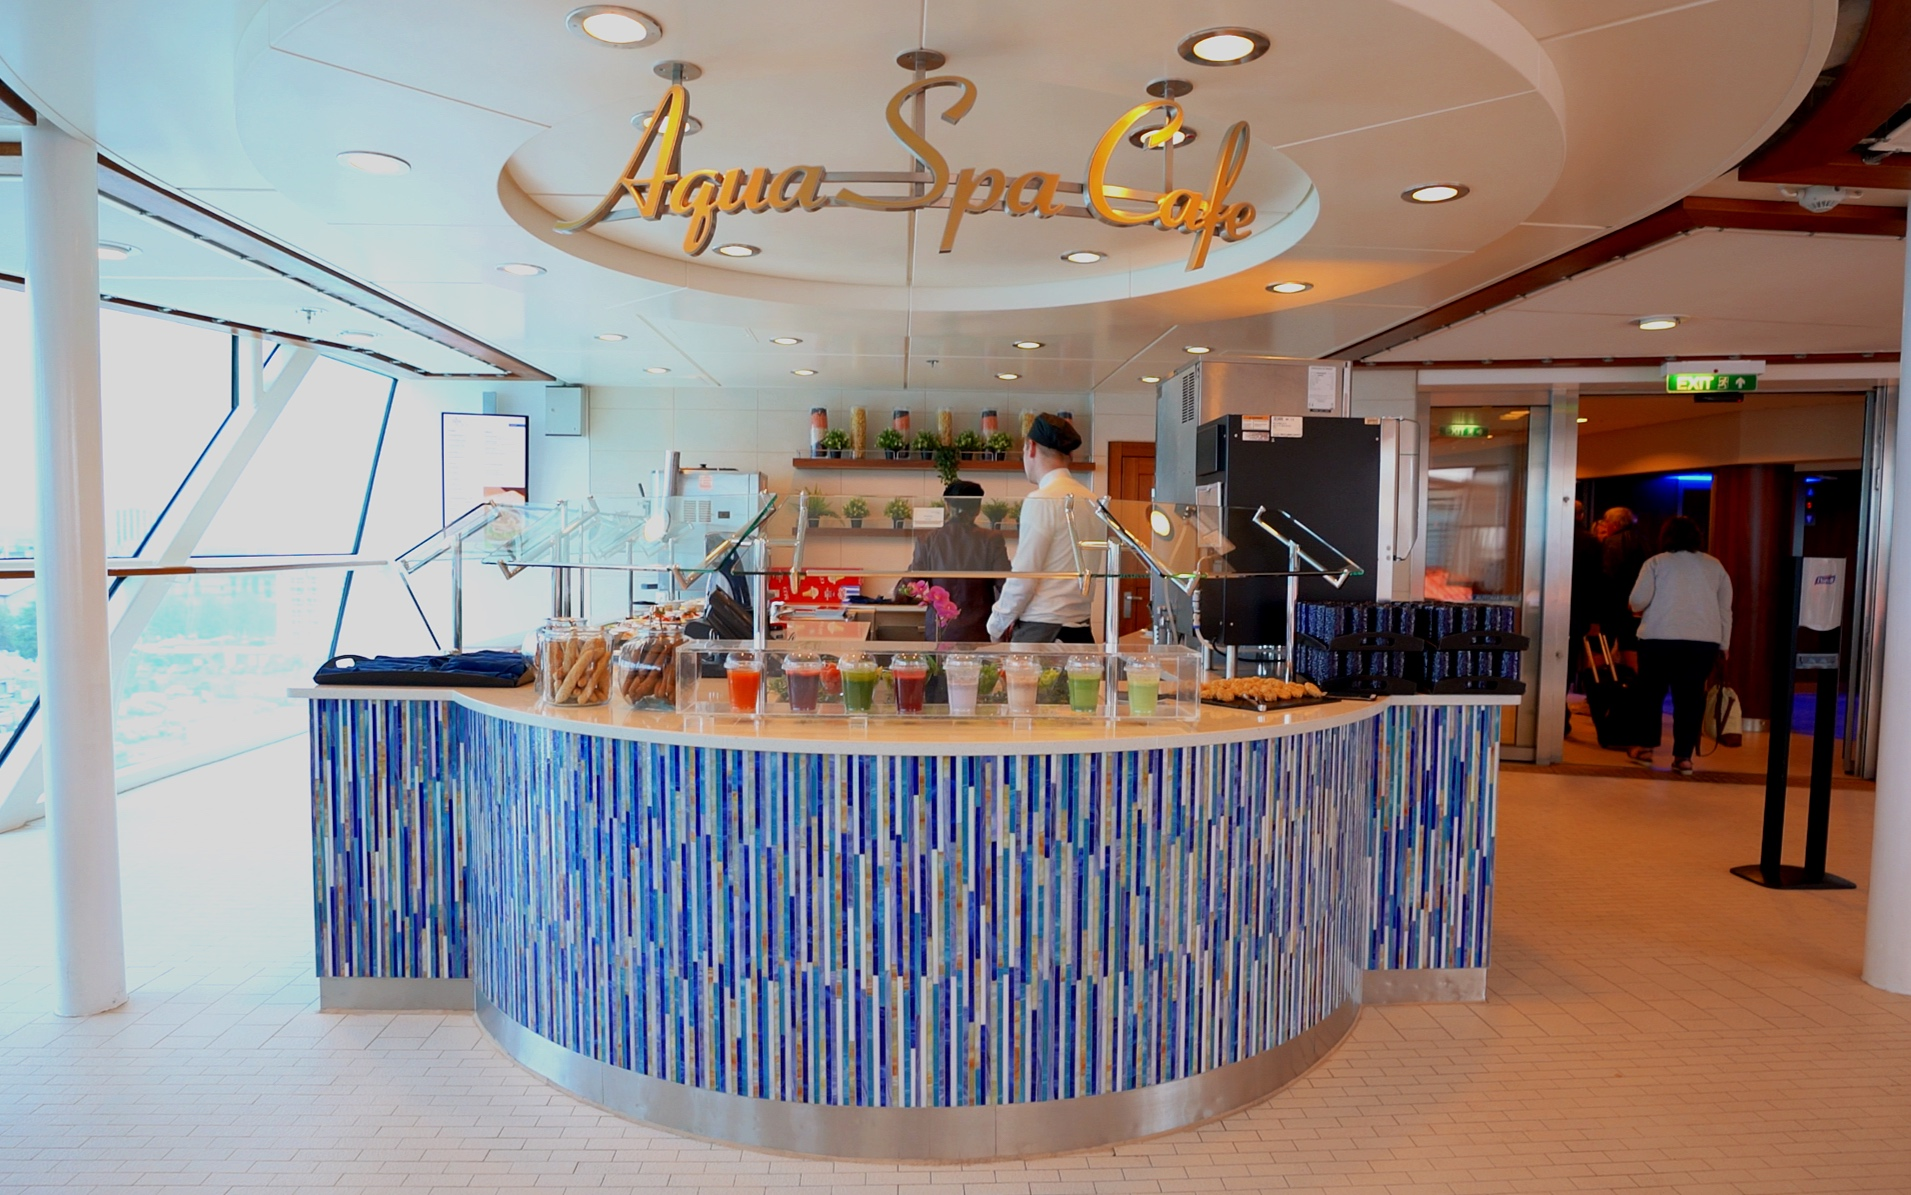 The Aqua Spa cafe